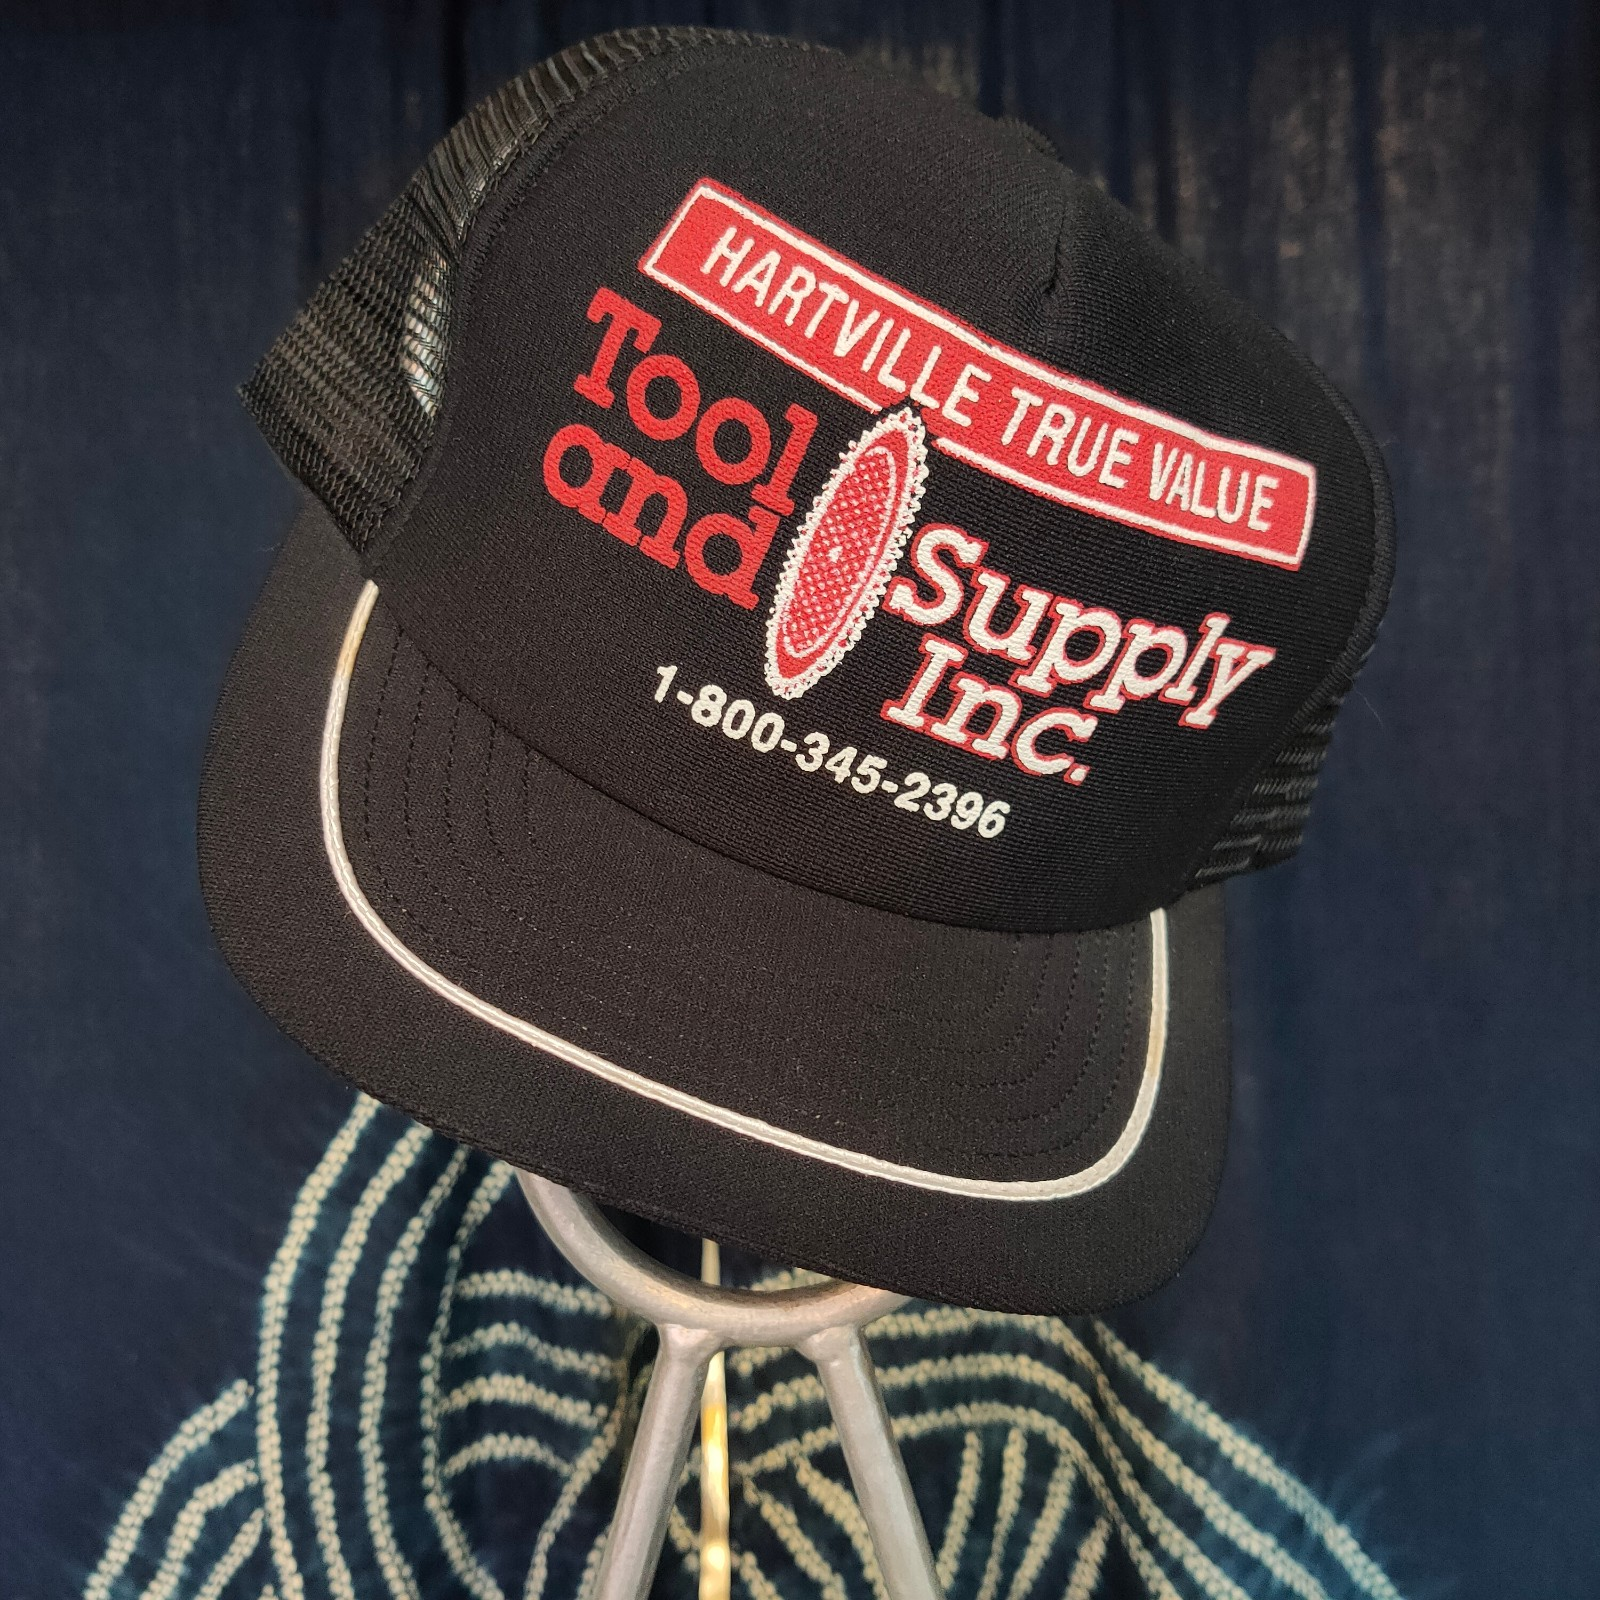 Vintage Baseball & Trucker caps